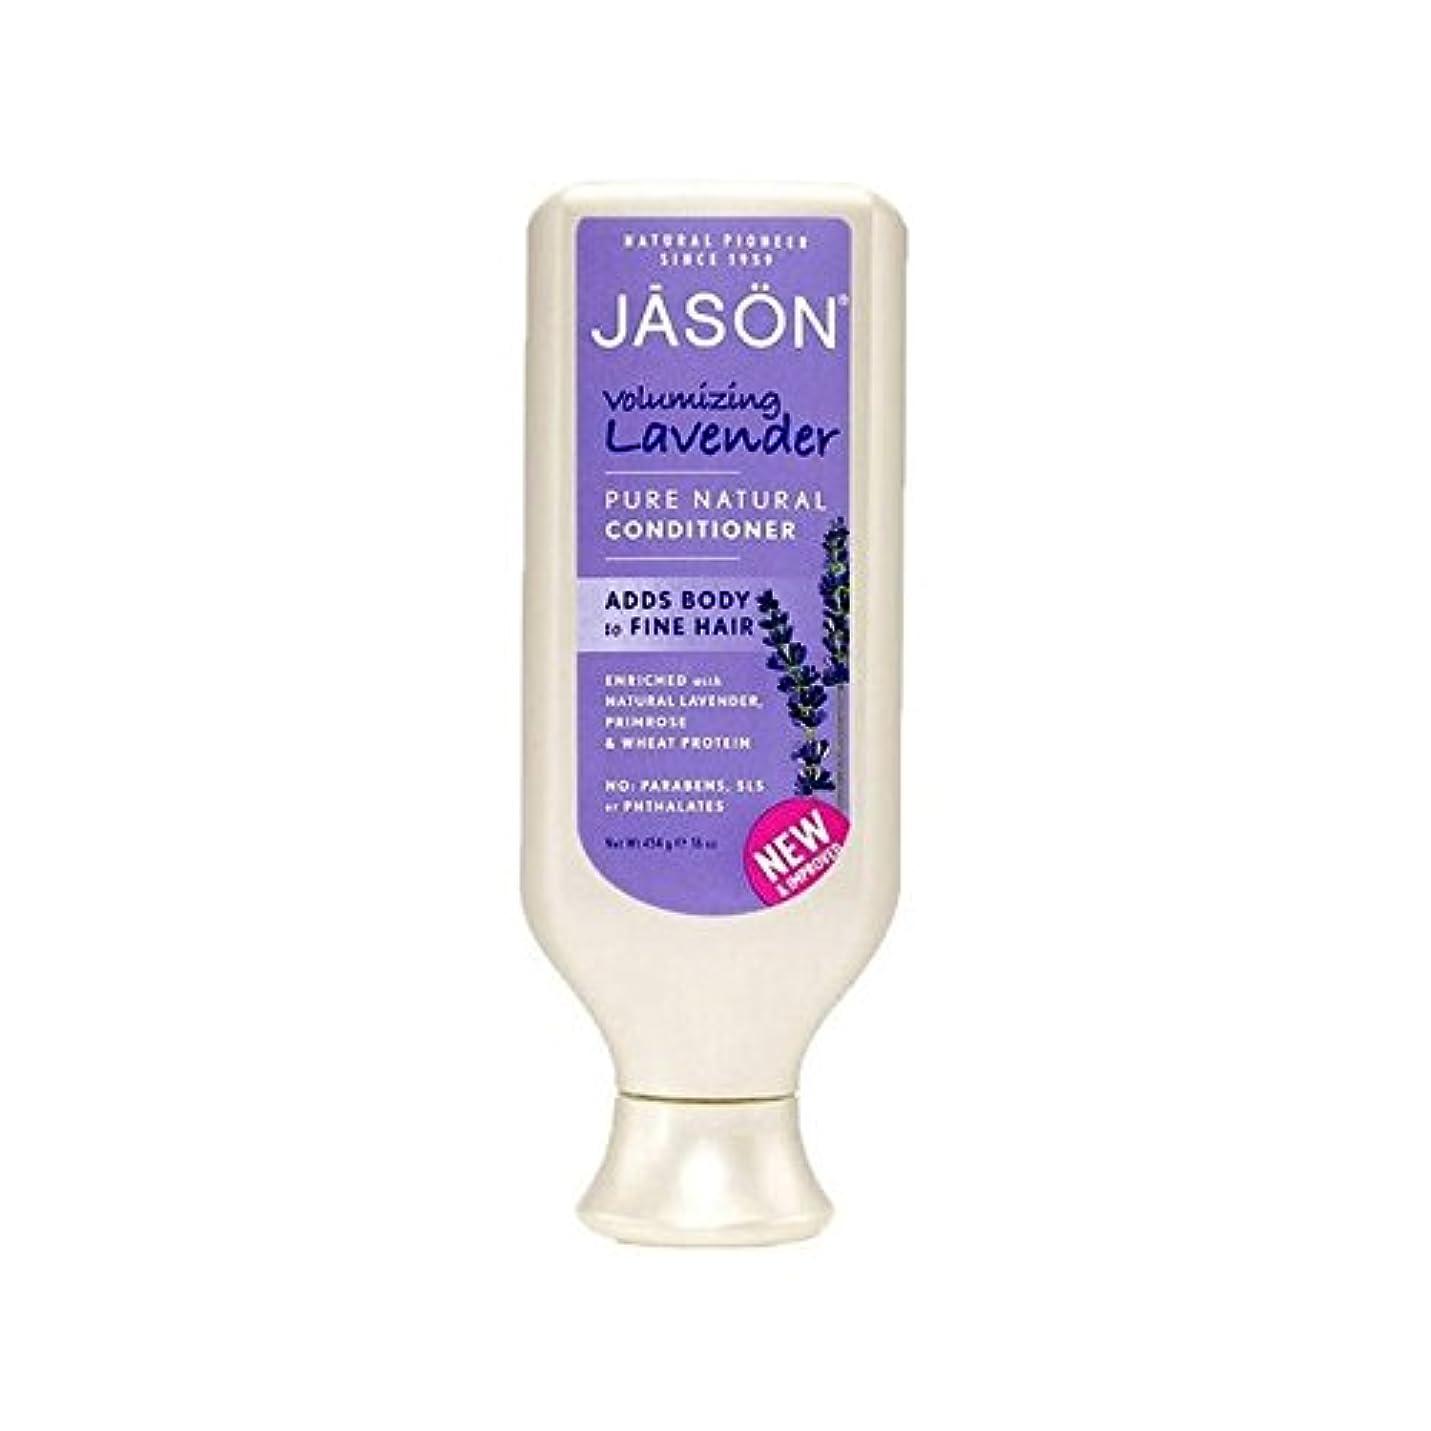 凍結アトラス慣らすJason Natural Lavender Conditioner (454G) (Pack of 6) - ジェイソン自然ラベンダーコンディショナー(454グラム) x6 [並行輸入品]